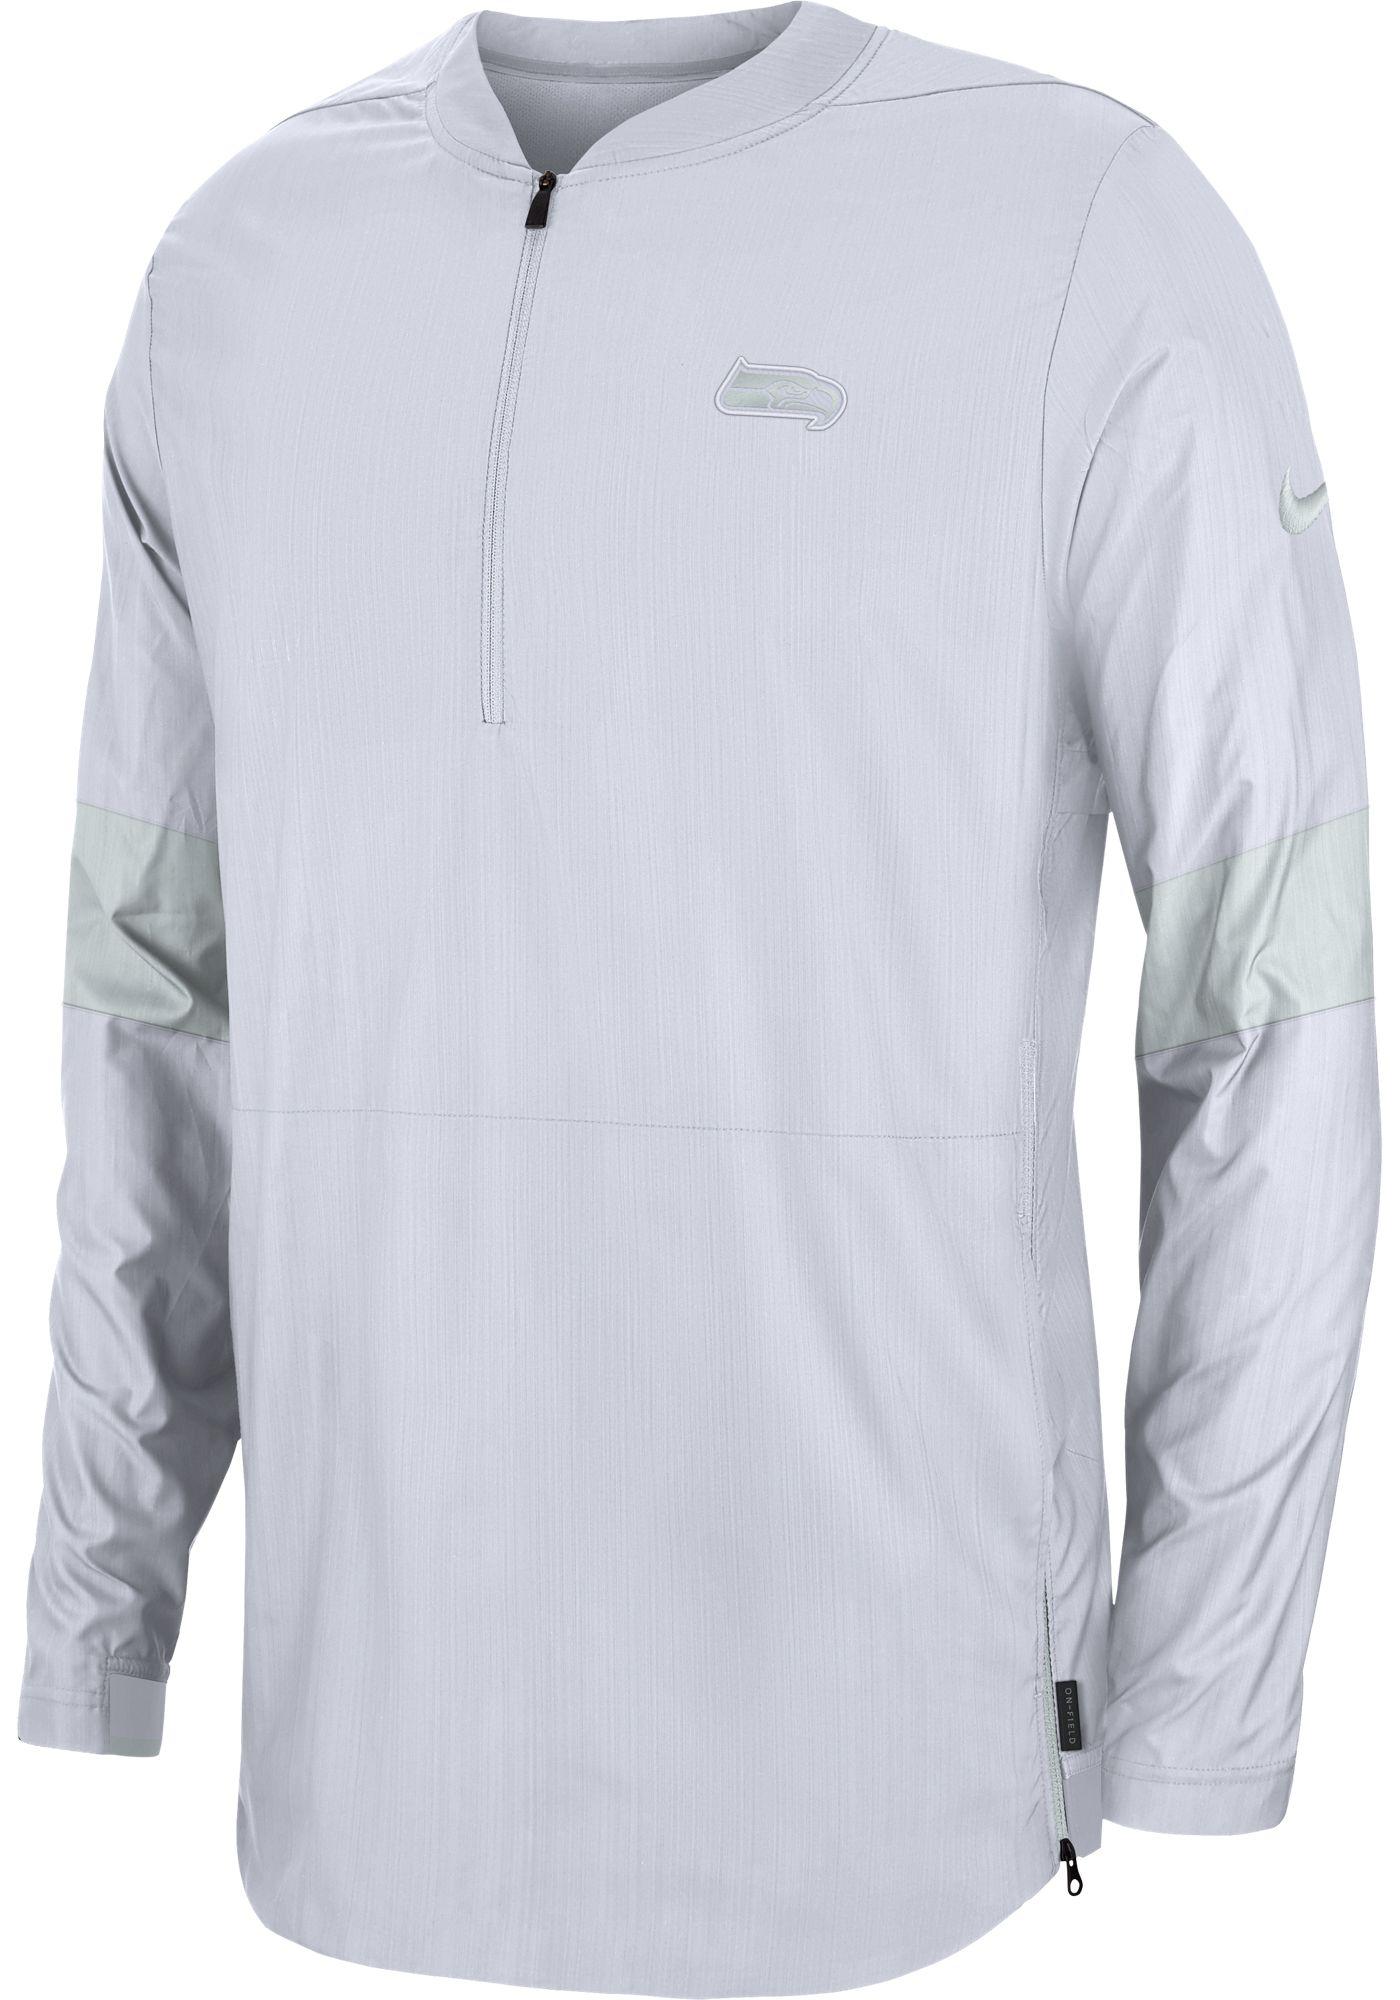 Nike Men's Seattle Seahawks Sideline Coach White Half-Zip Performance Jacket